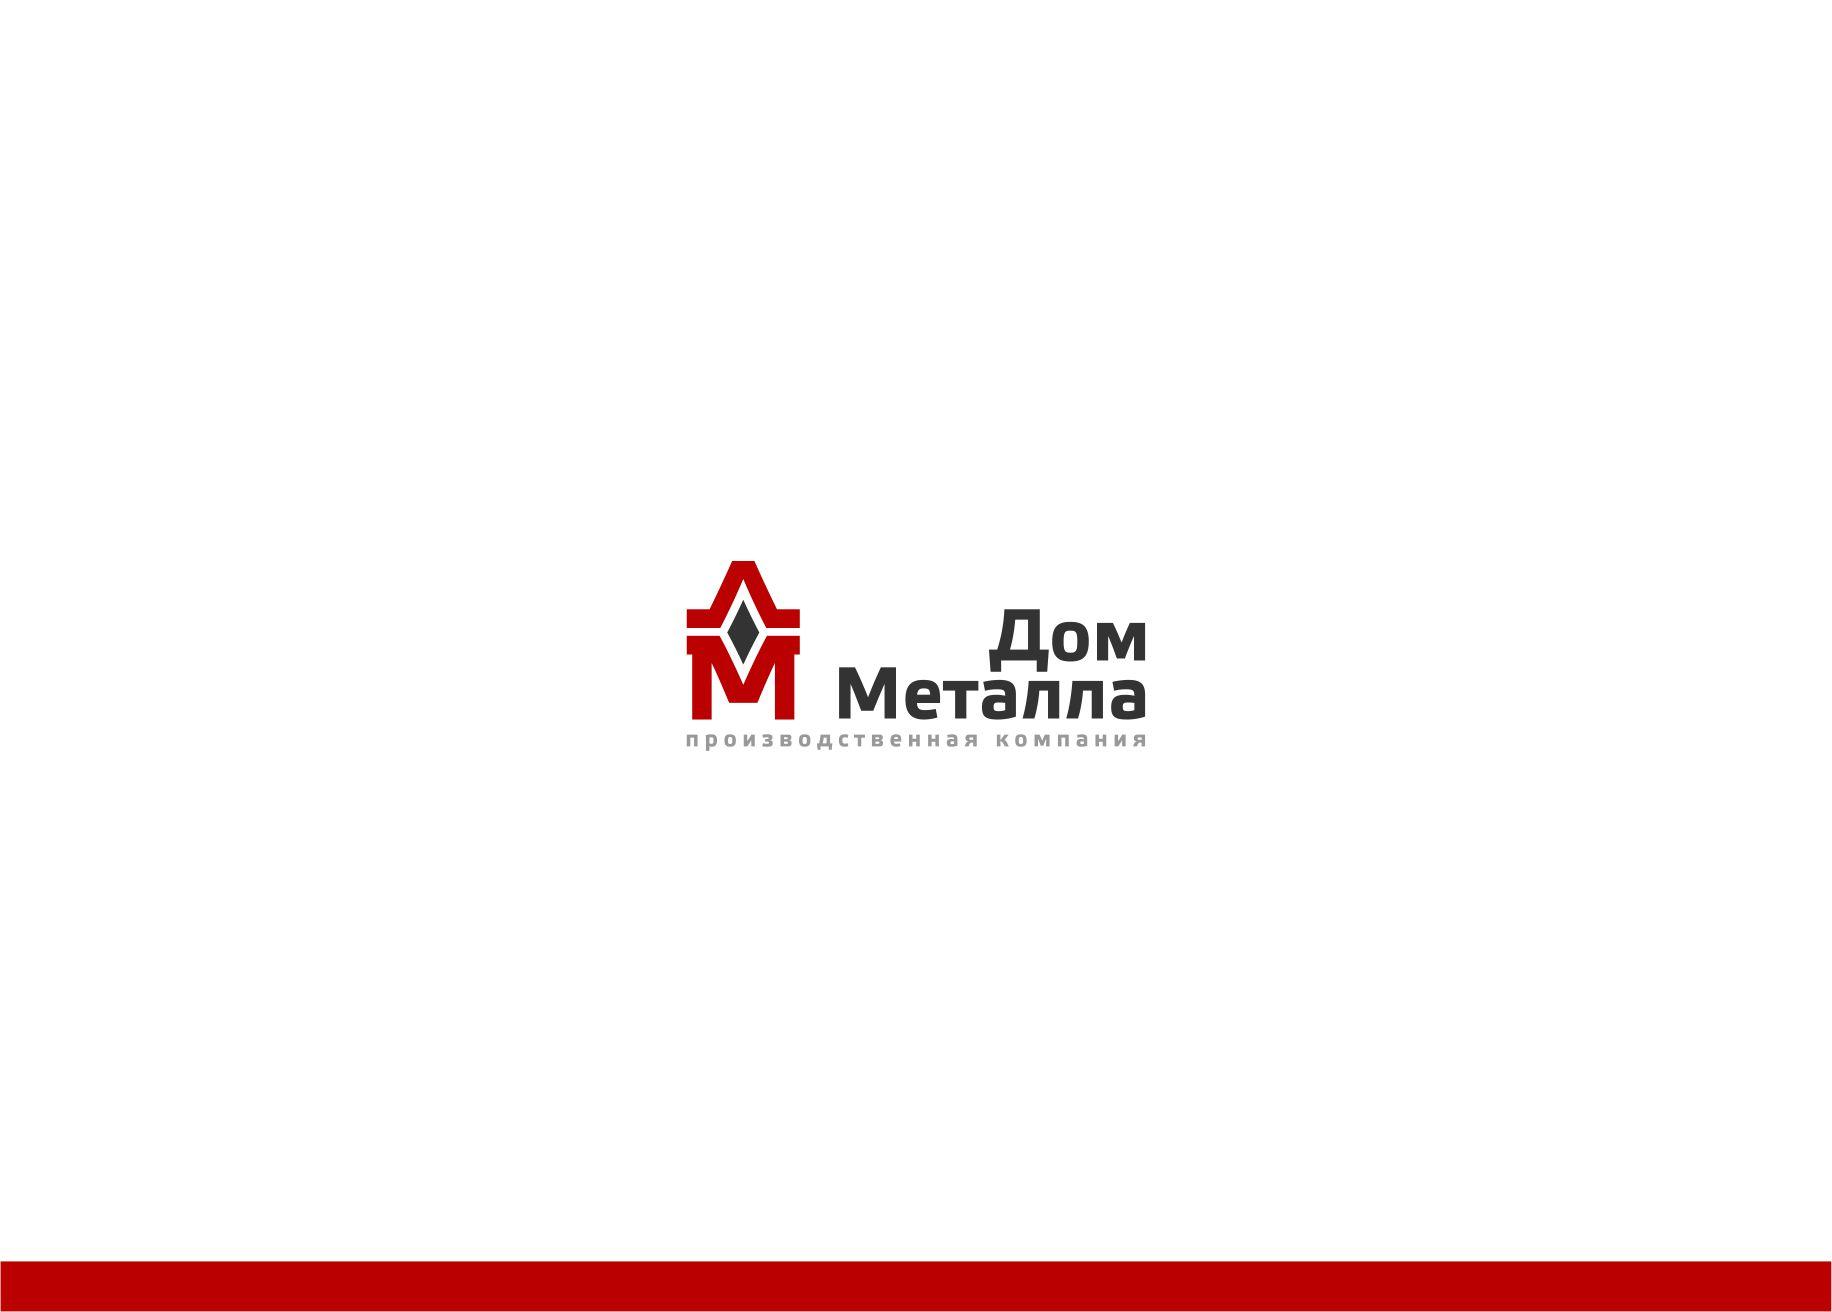 Разработка логотипа фото f_1605c5a1b76d29b6.jpg